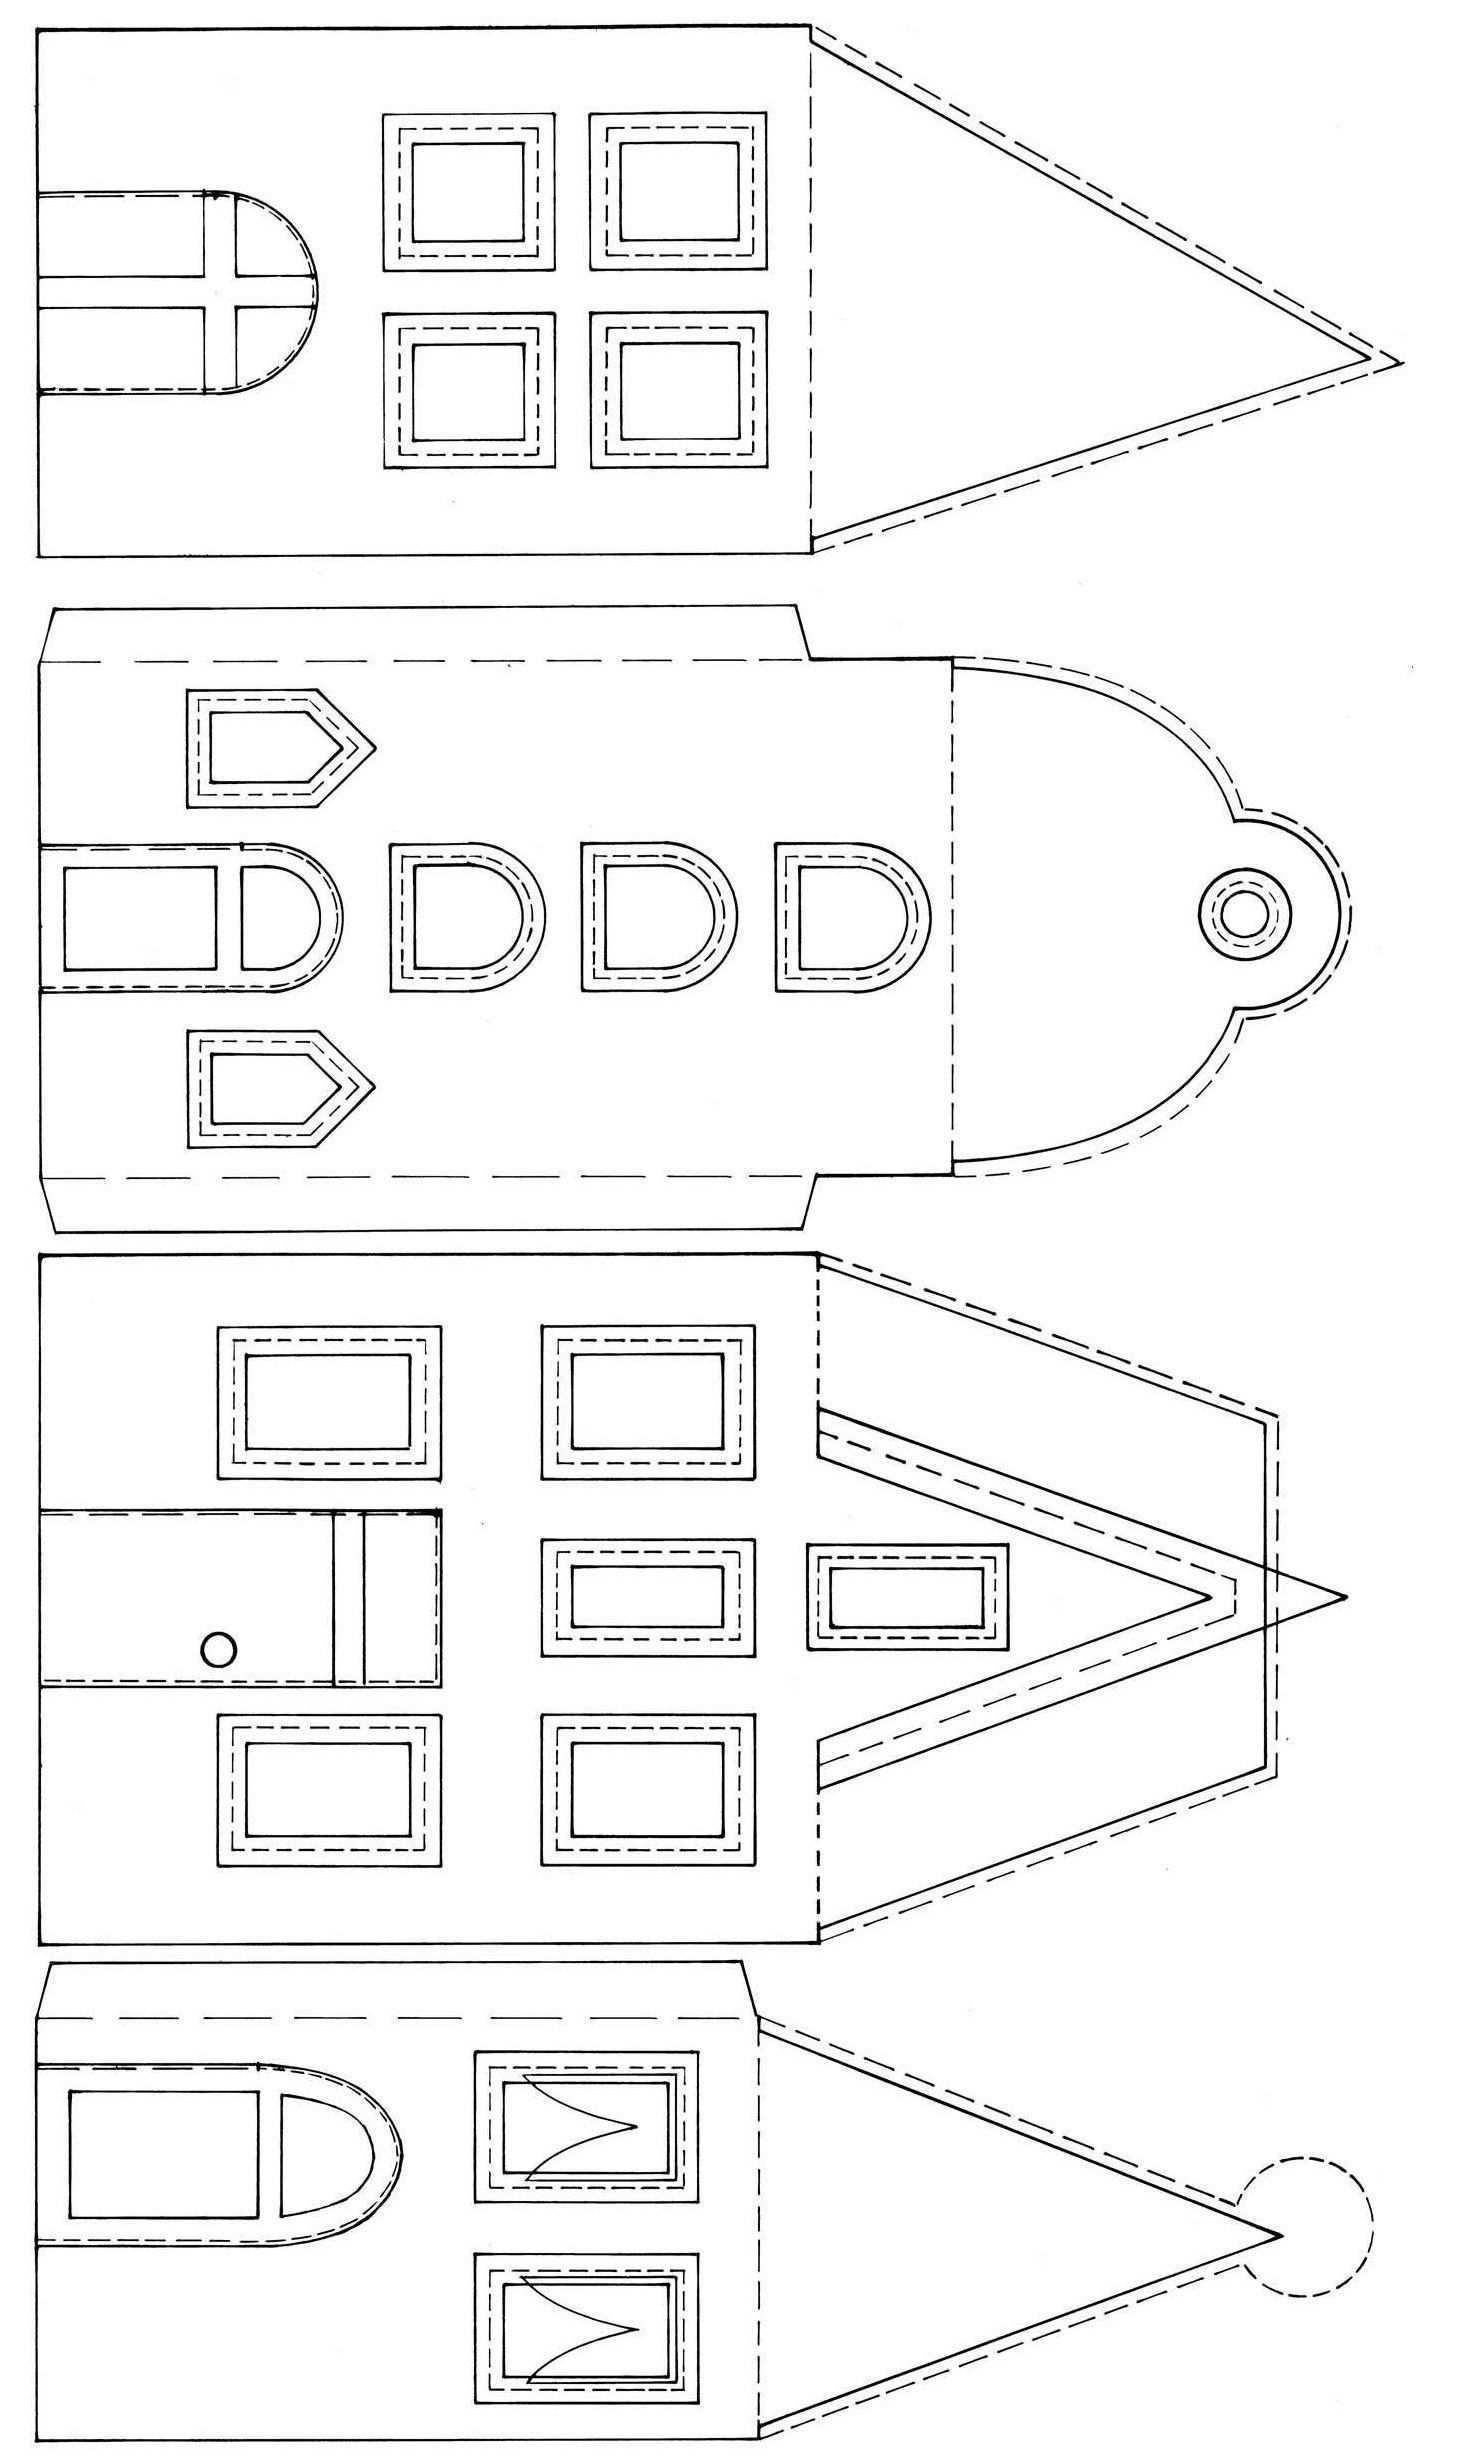 Haus Aus Karton Basteln Anleitung Elegant Falten Vorlage Throughout Glitter Hauser Karton Basteln Hausvorlage